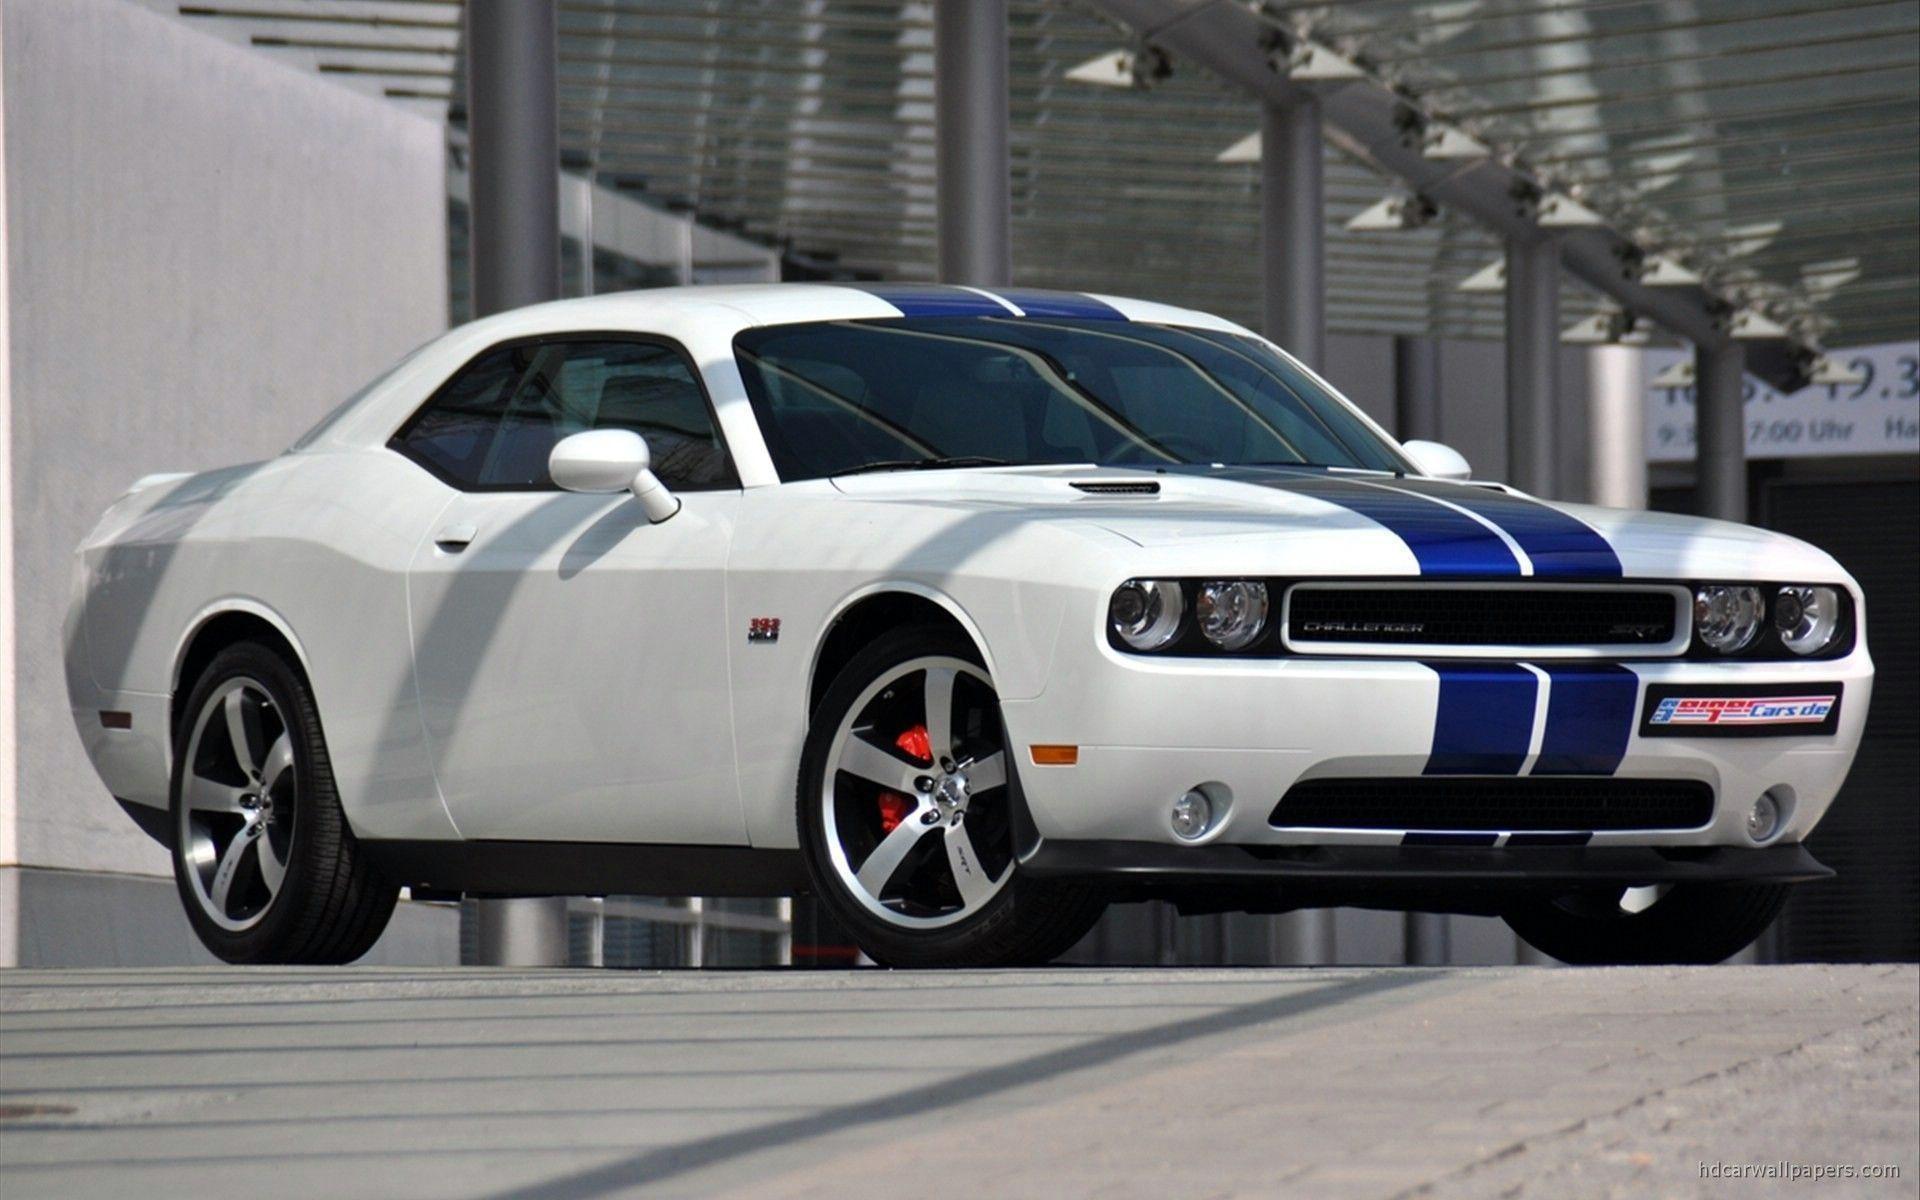 2011 Dodge Challenger SRT8 Wallpaper | HD Car Wallpapers